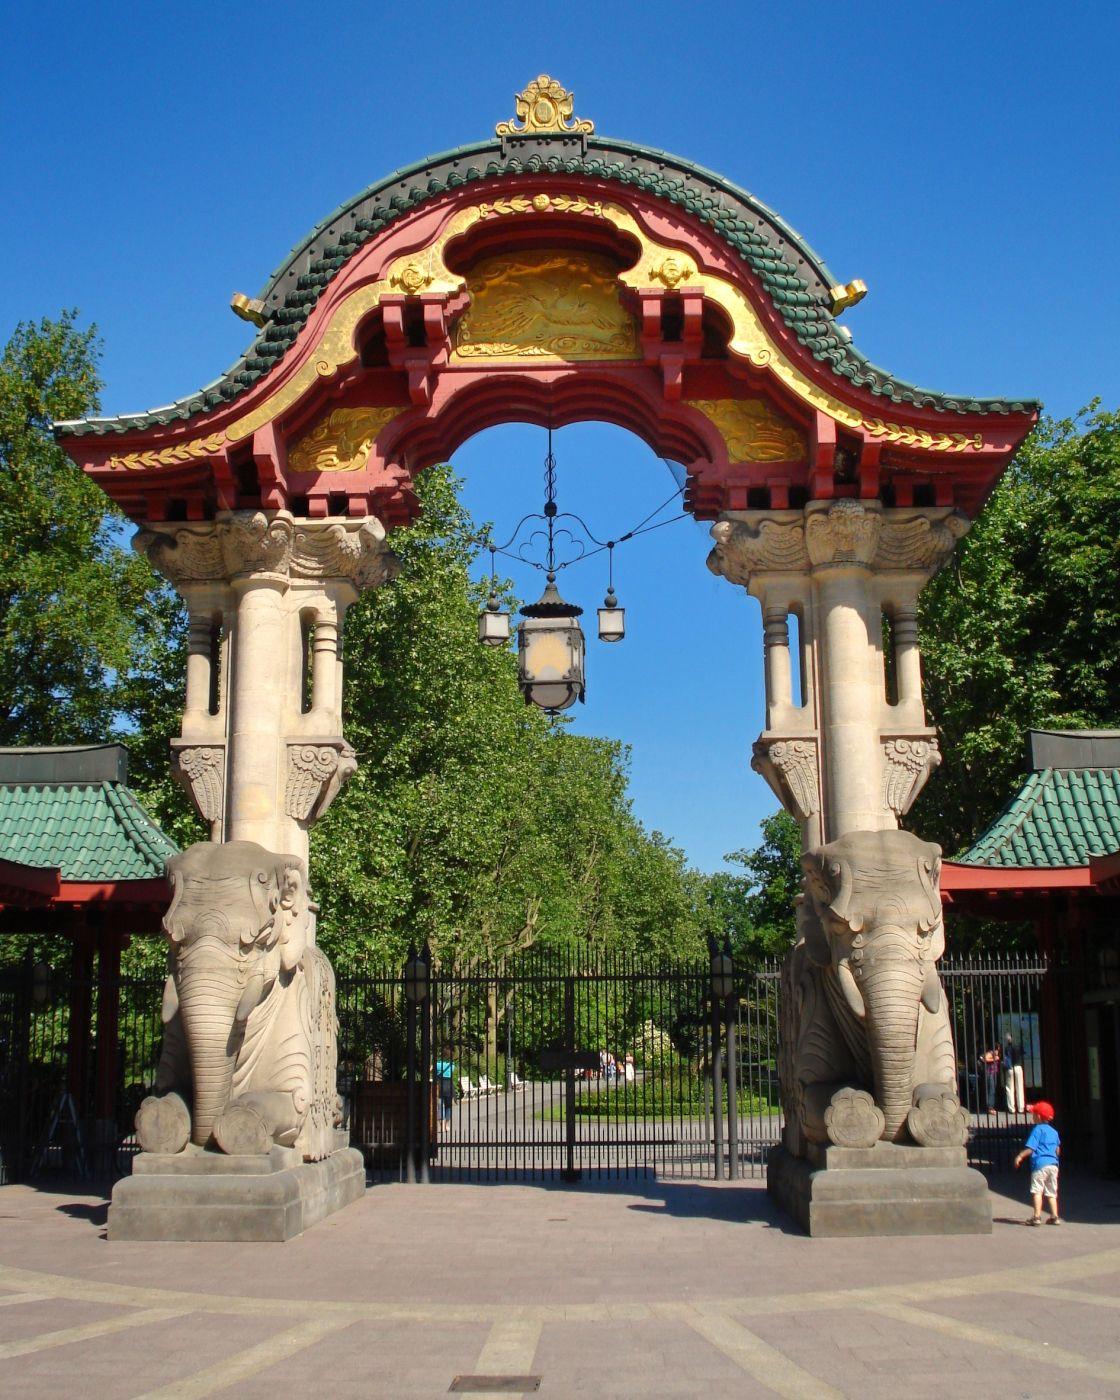 Hotels Berlin Zoologischer Garten: Berliner Zoologischer Garten